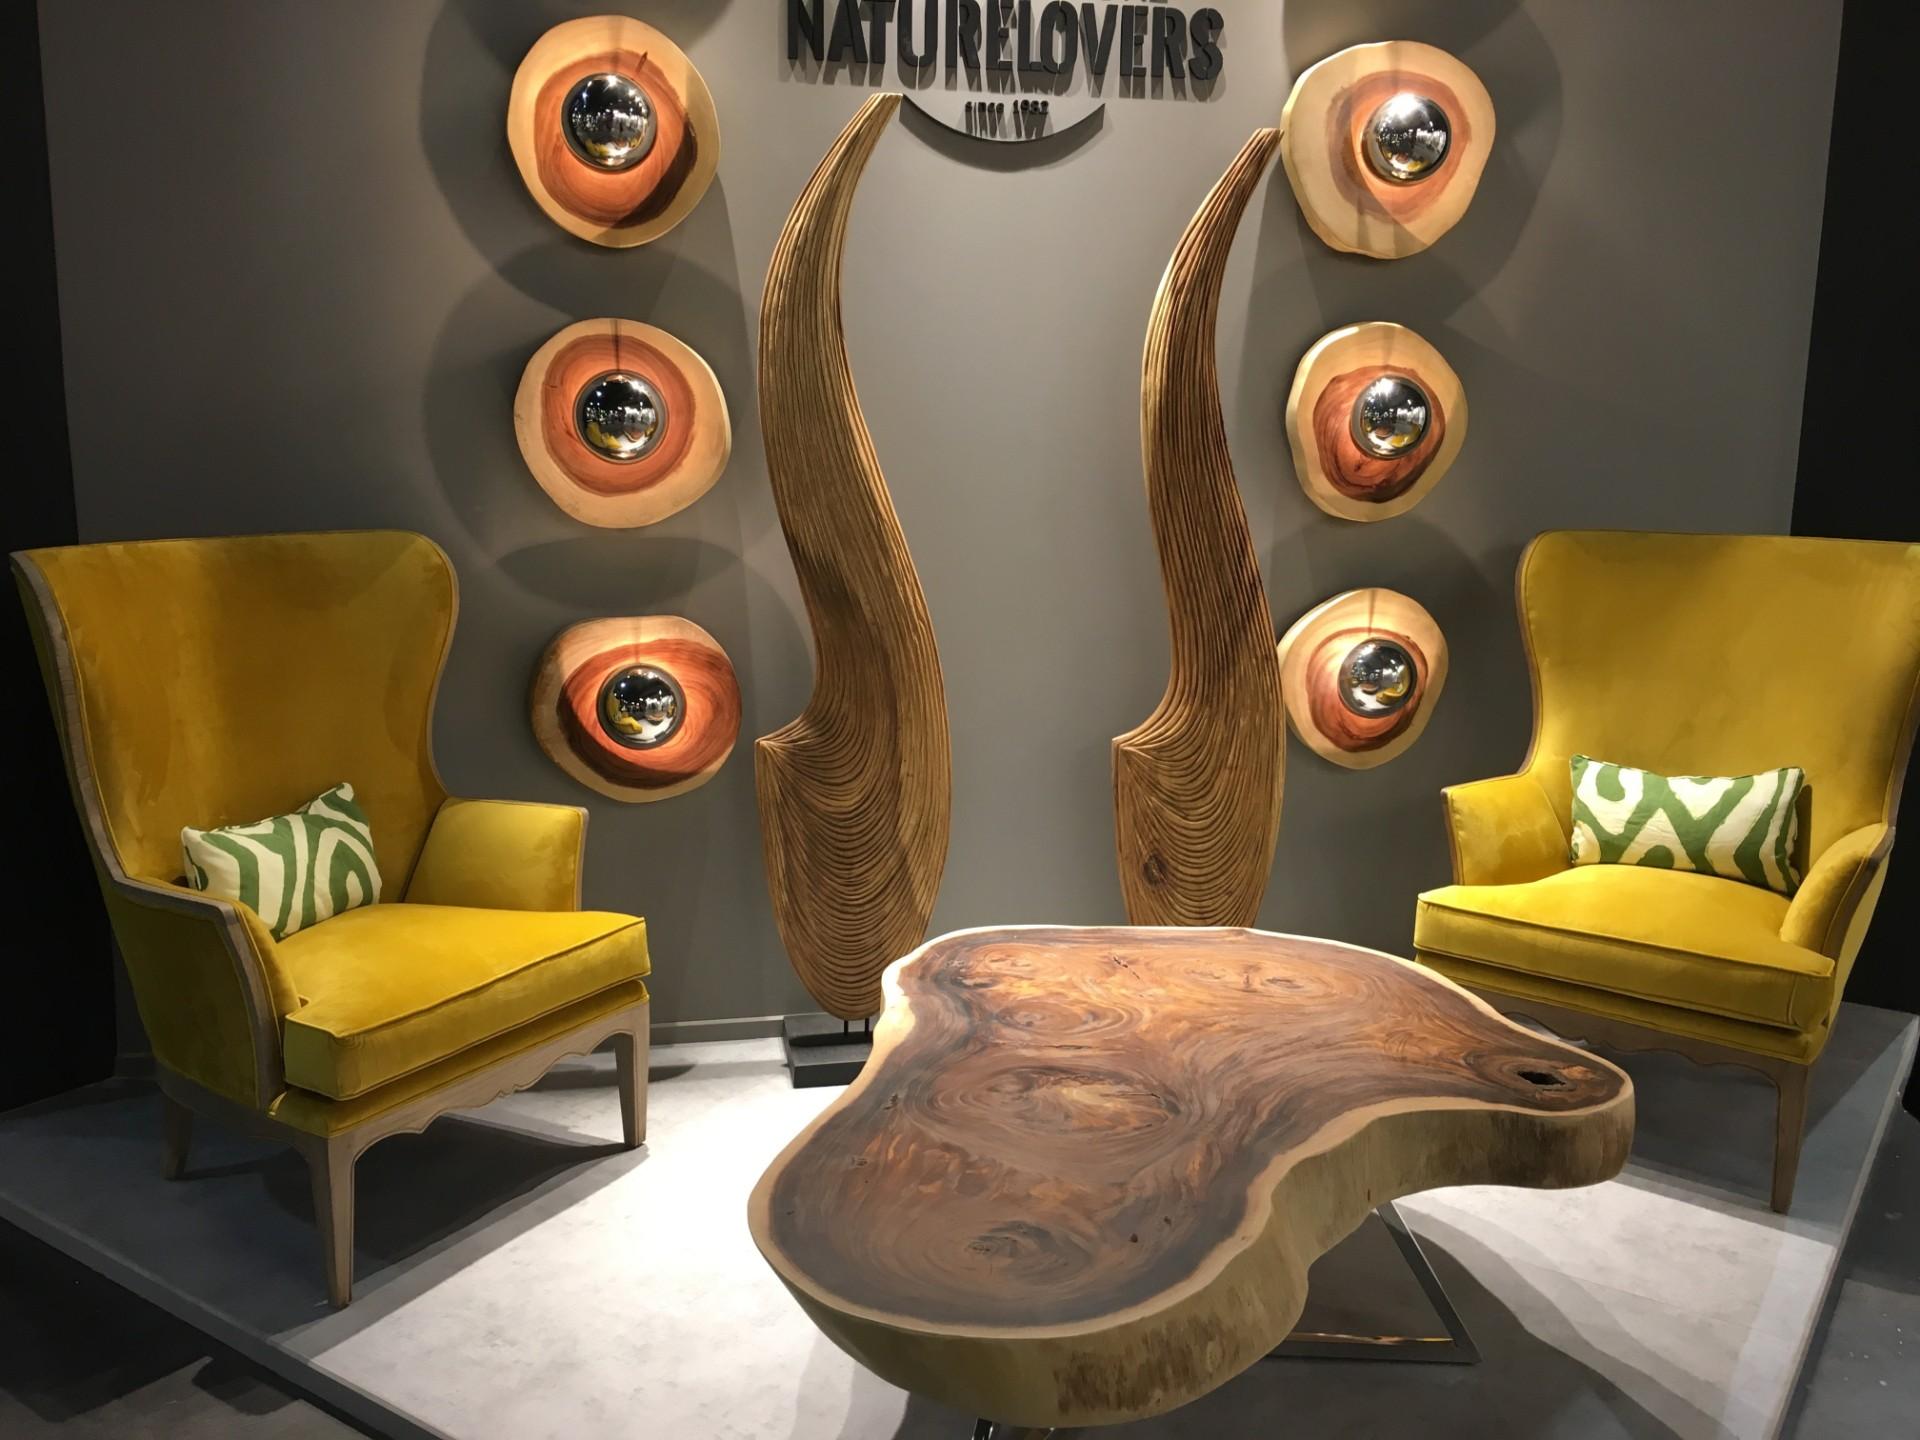 feria-habitat-valencia-2018-interiorismo-interiores-mobiliario-muebles-9